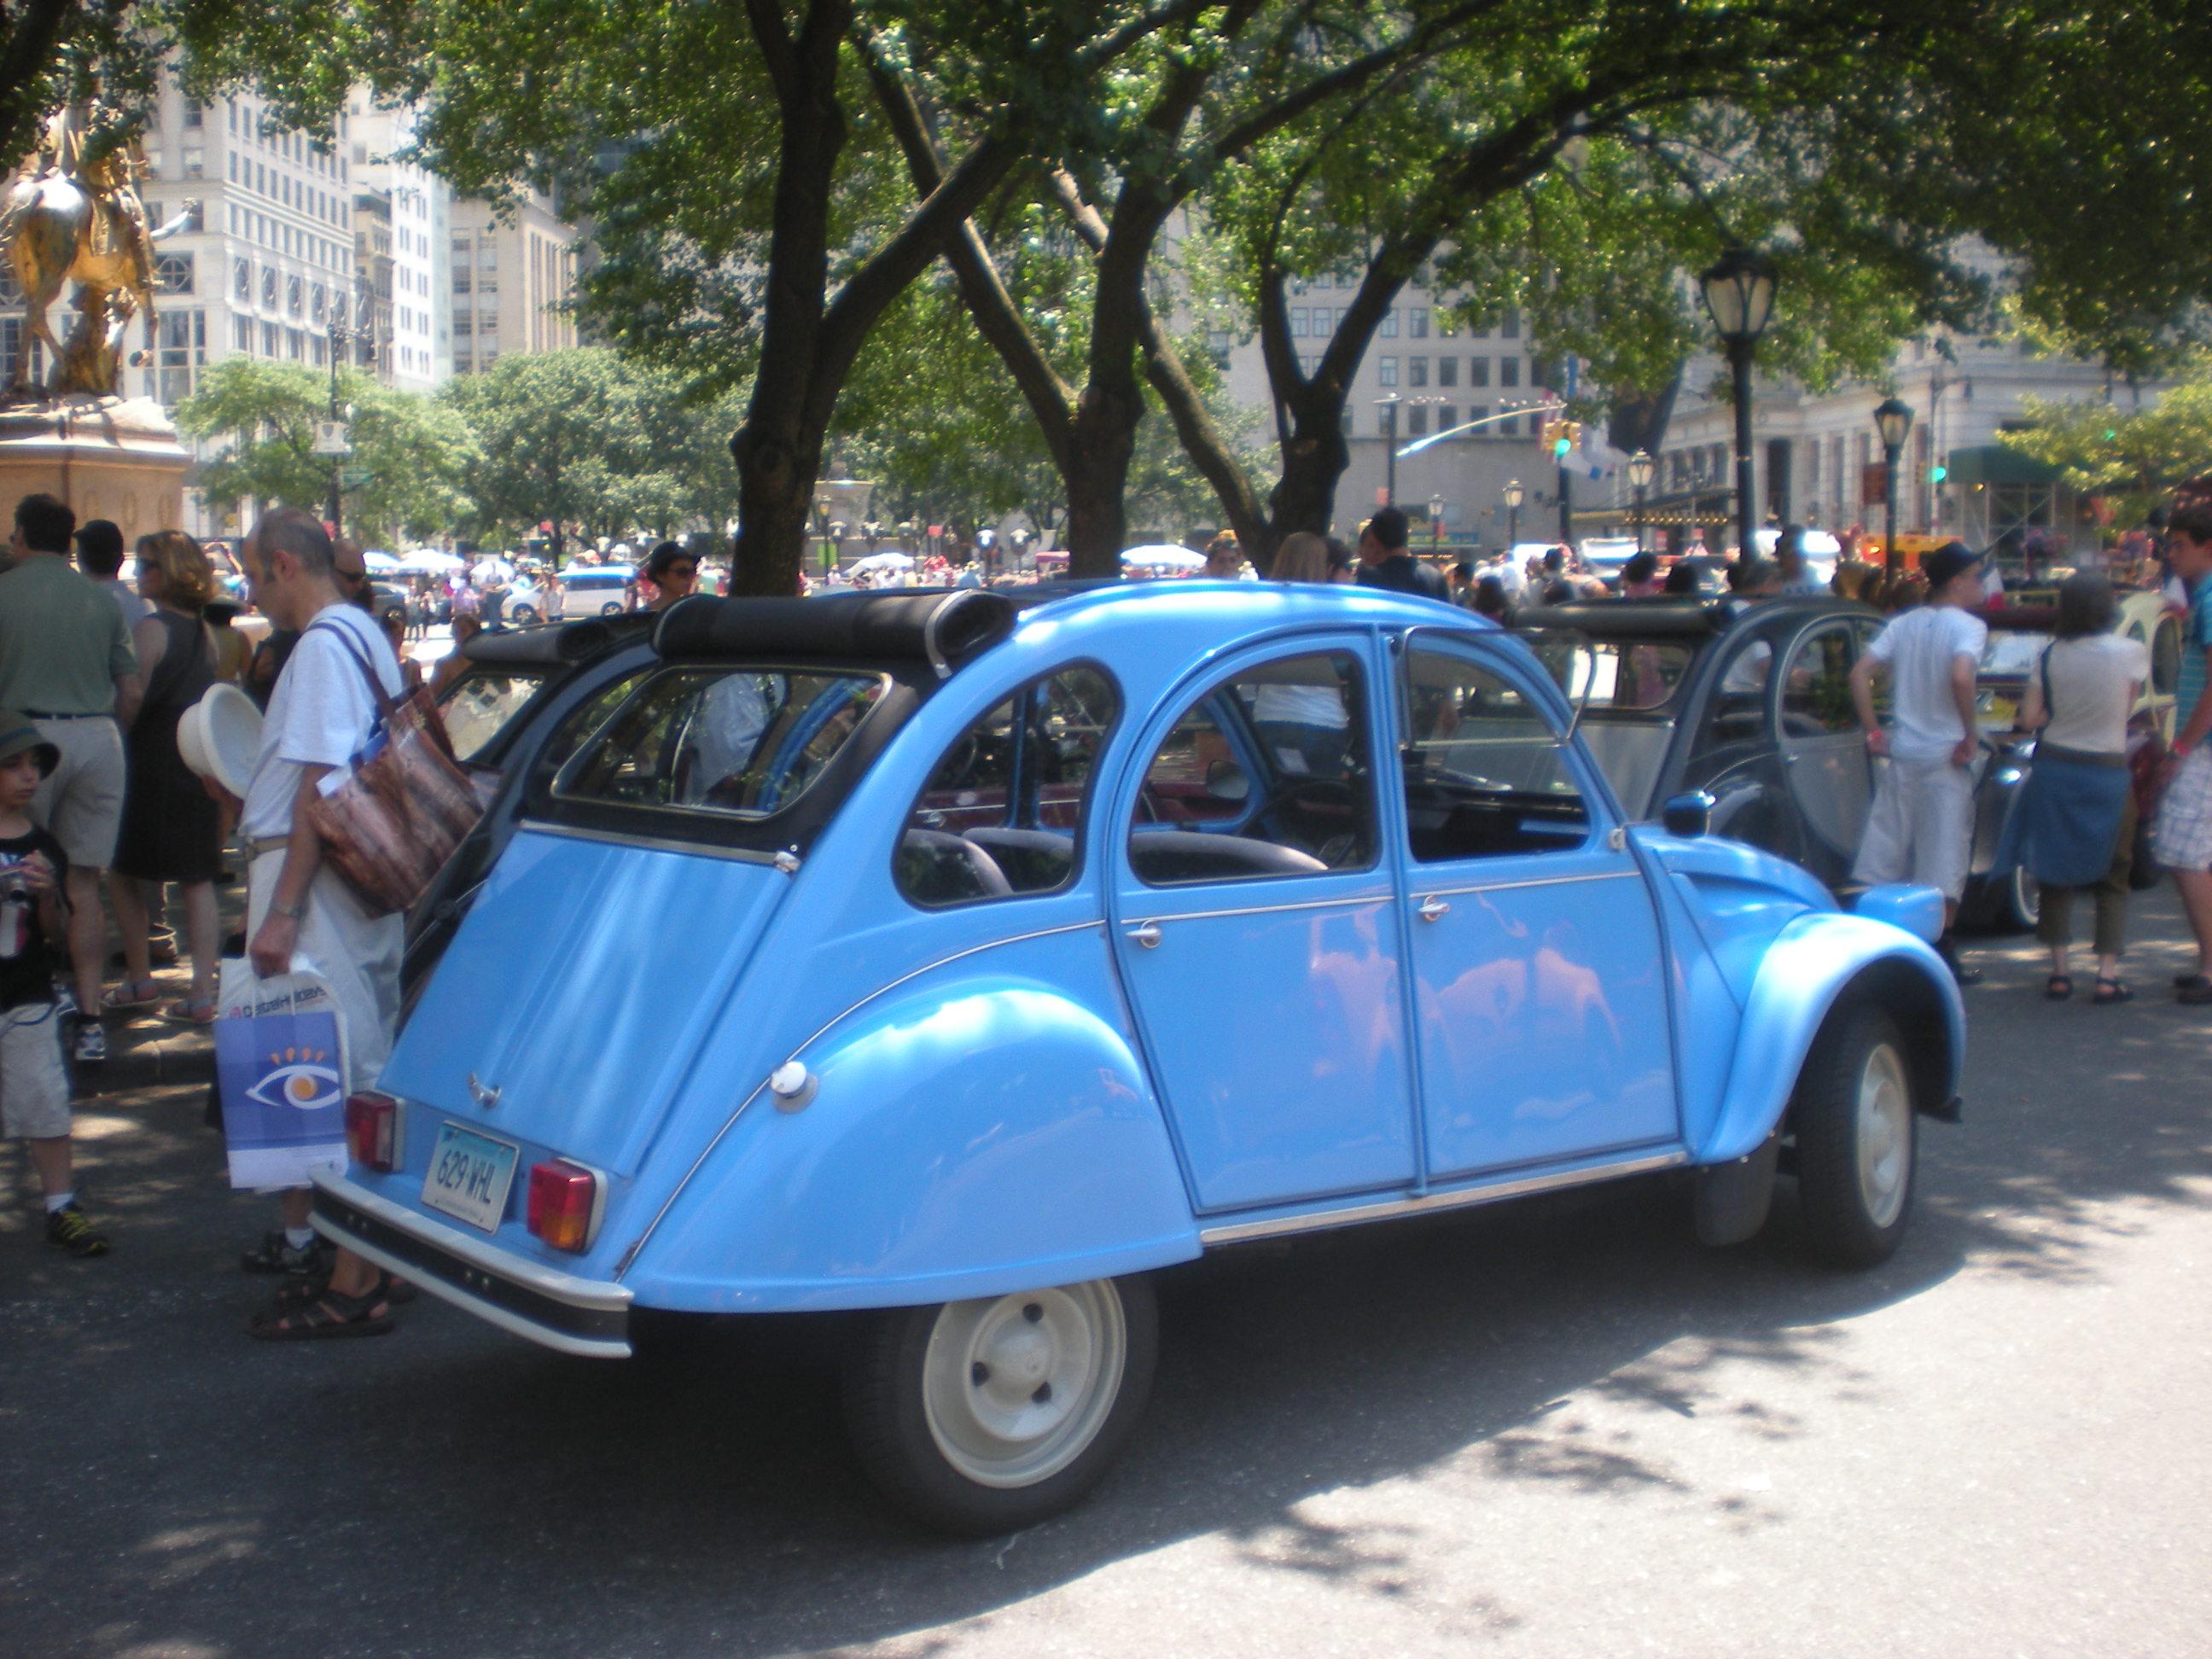 CITROEN 2 CV 6 blue